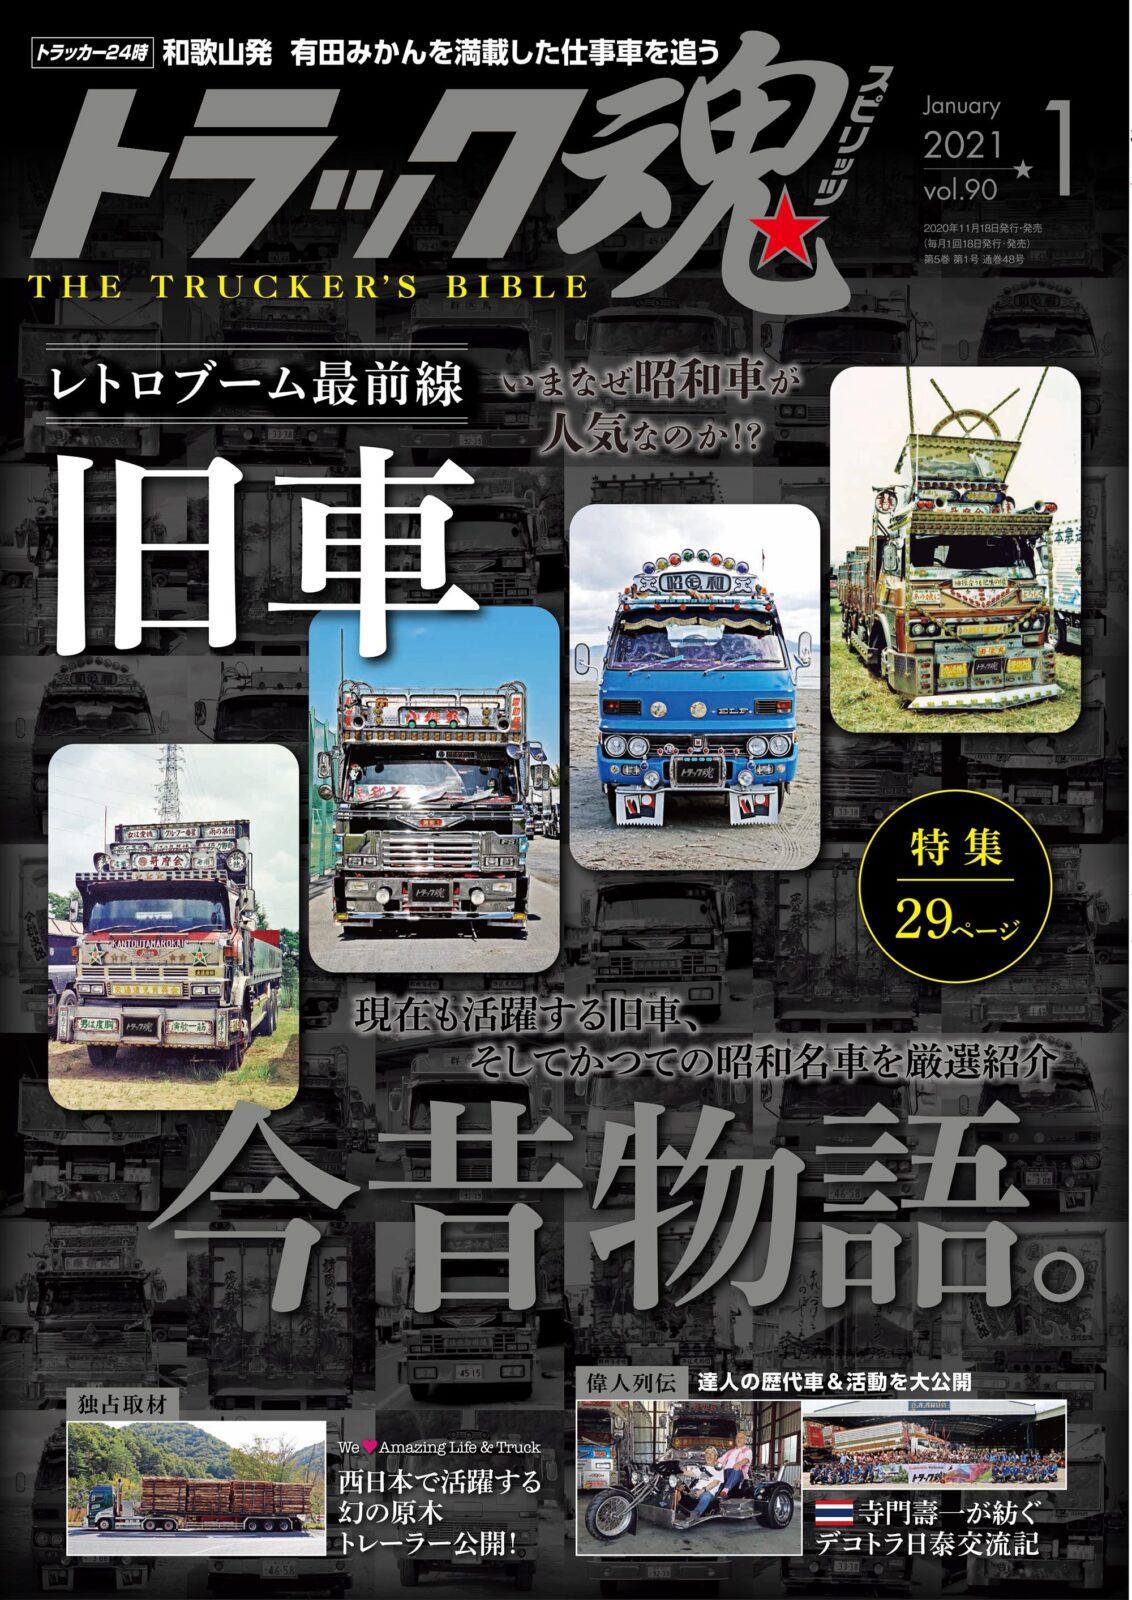 トラック魂Vol 90【2020/11/18】特集:旧車「今昔物語」誉れ高き昭和車と現在も活躍する旧き名車群像